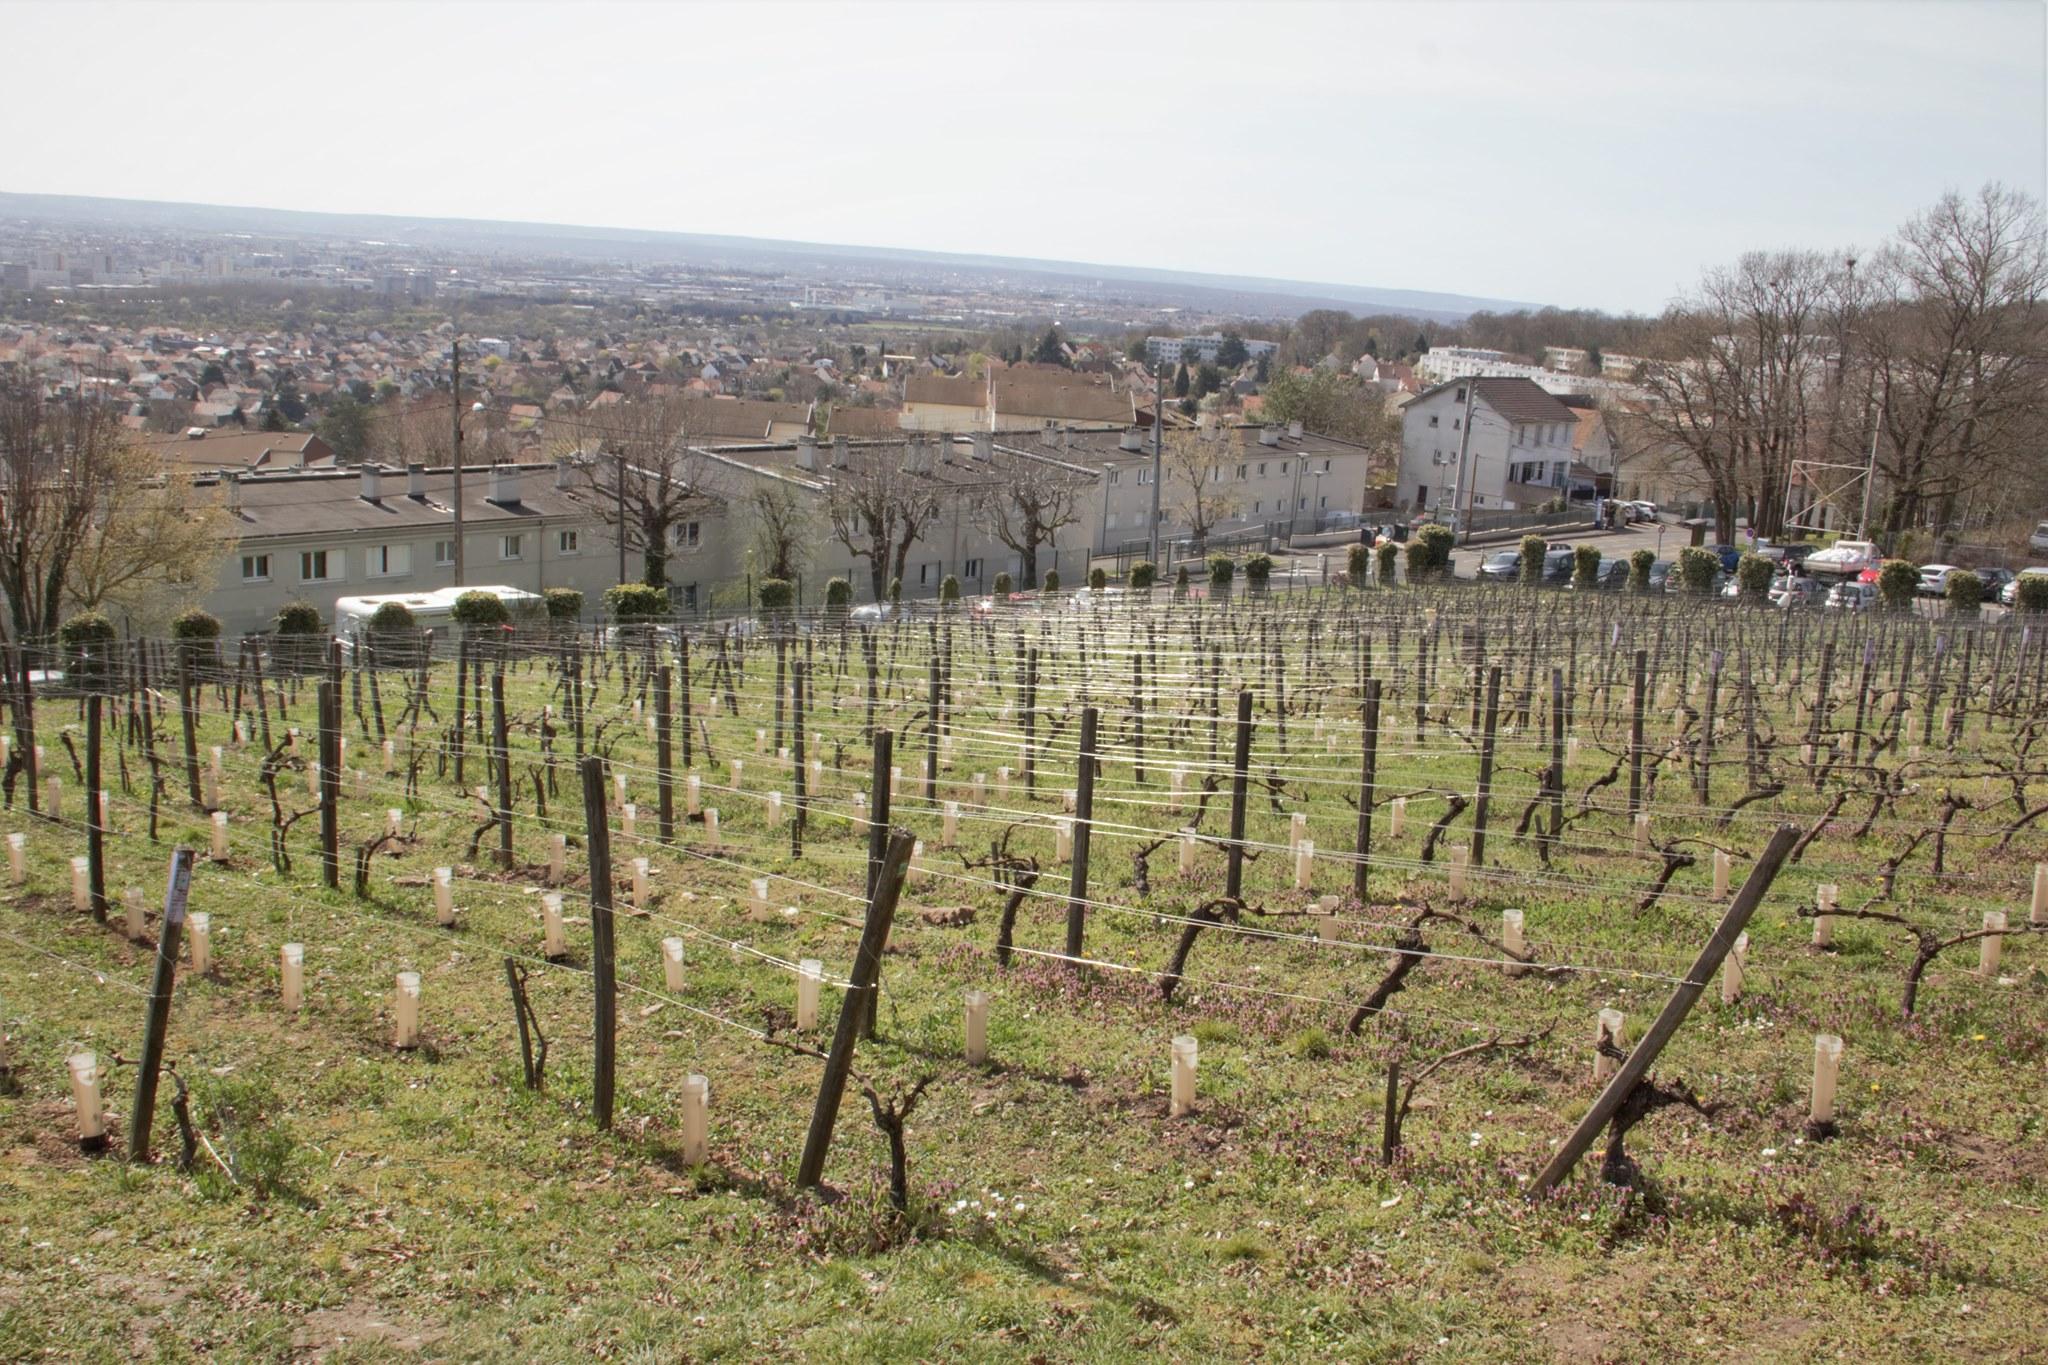 Les vignes de Sannois (mars 2021 - photo de Patrick Danielou)